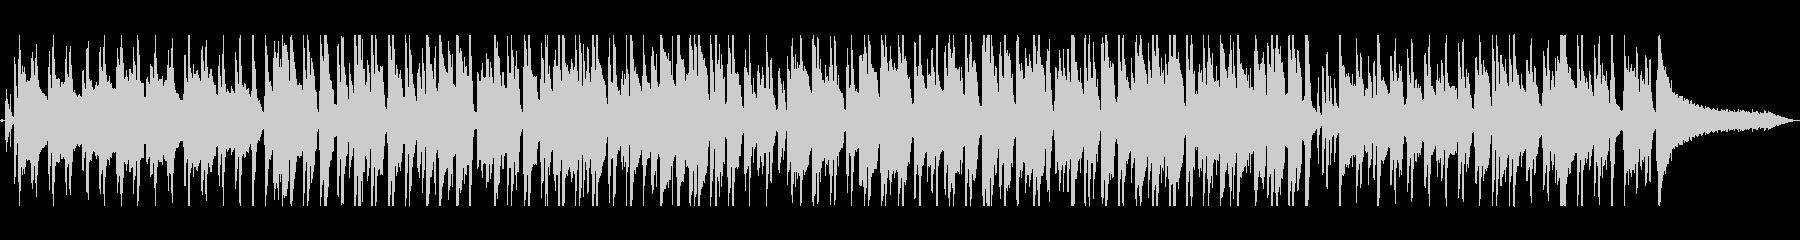 明るくおしゃれな曲調のボサノバの未再生の波形